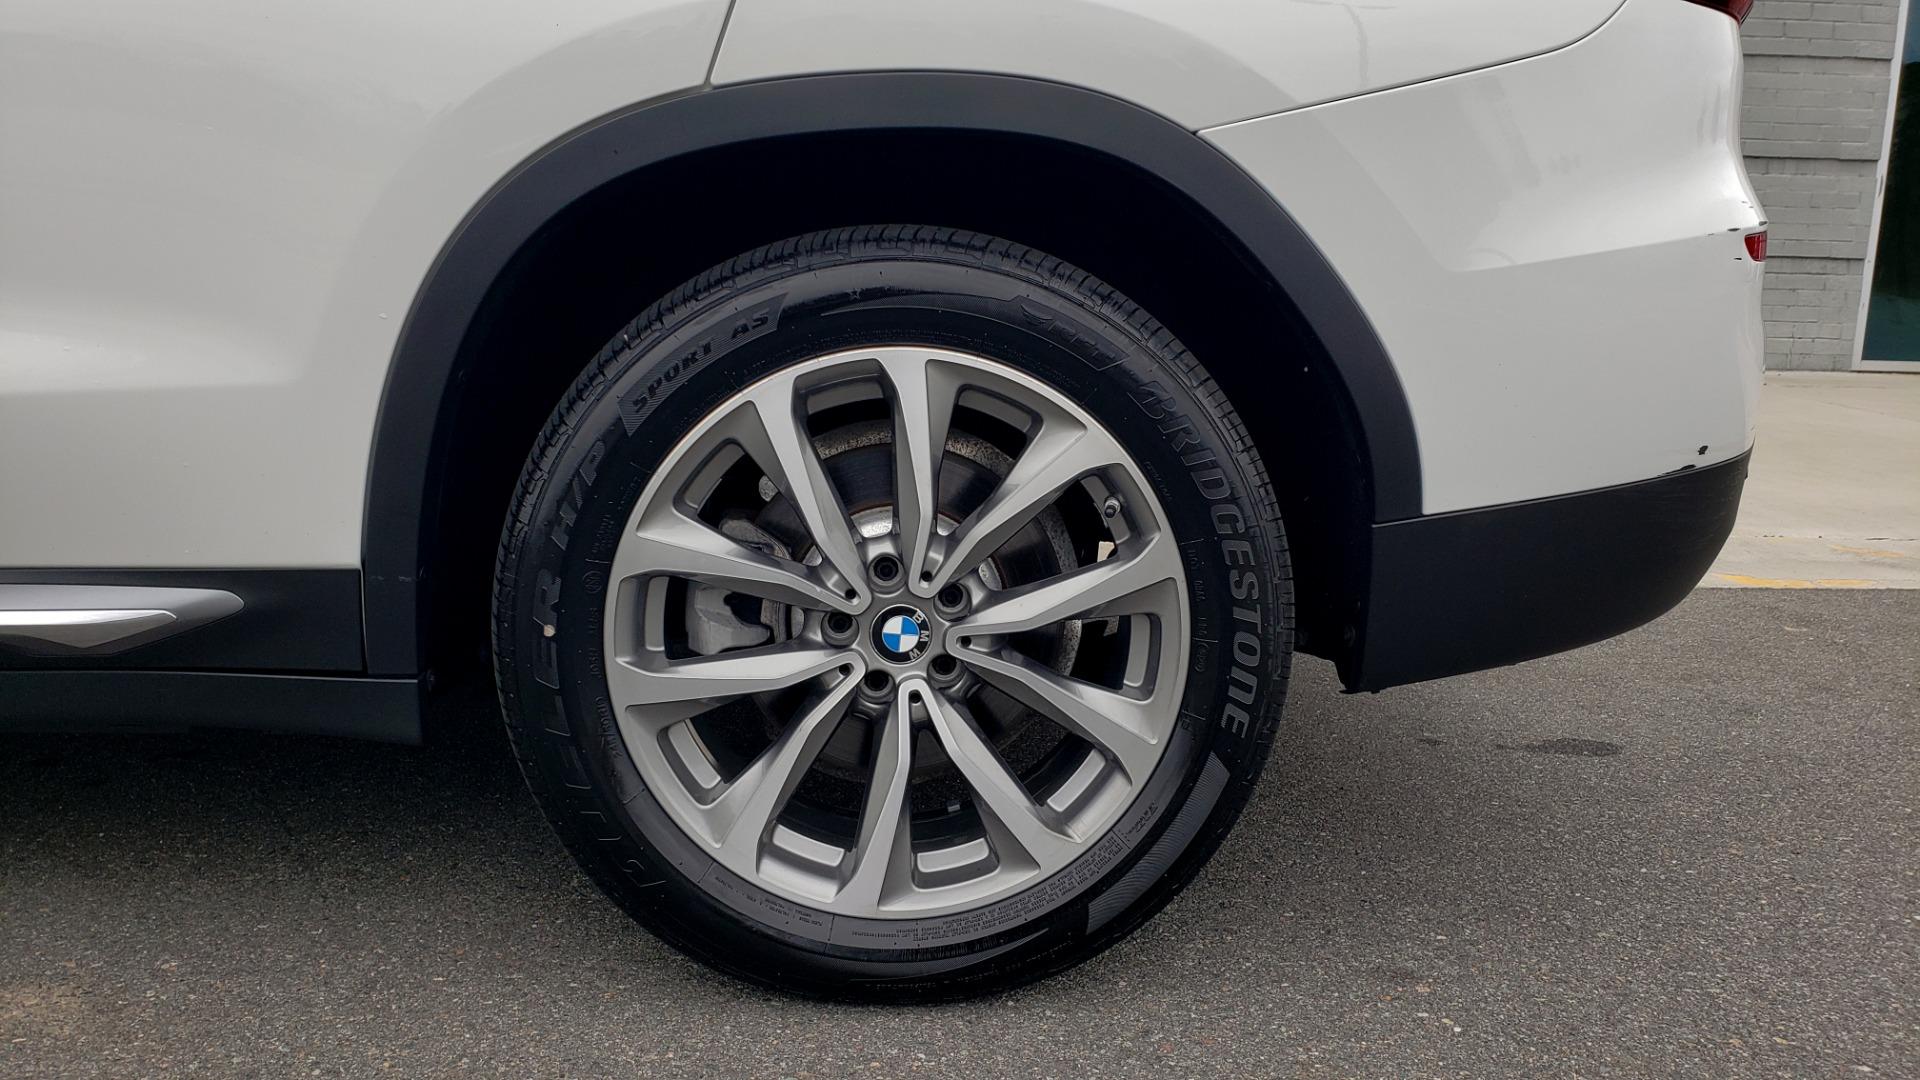 Used 2018 BMW X3 XDRIVE30I / LUX PKG / PREM PKG / CONV PKG / PDC / APPLE CARPLAY for sale Sold at Formula Imports in Charlotte NC 28227 88